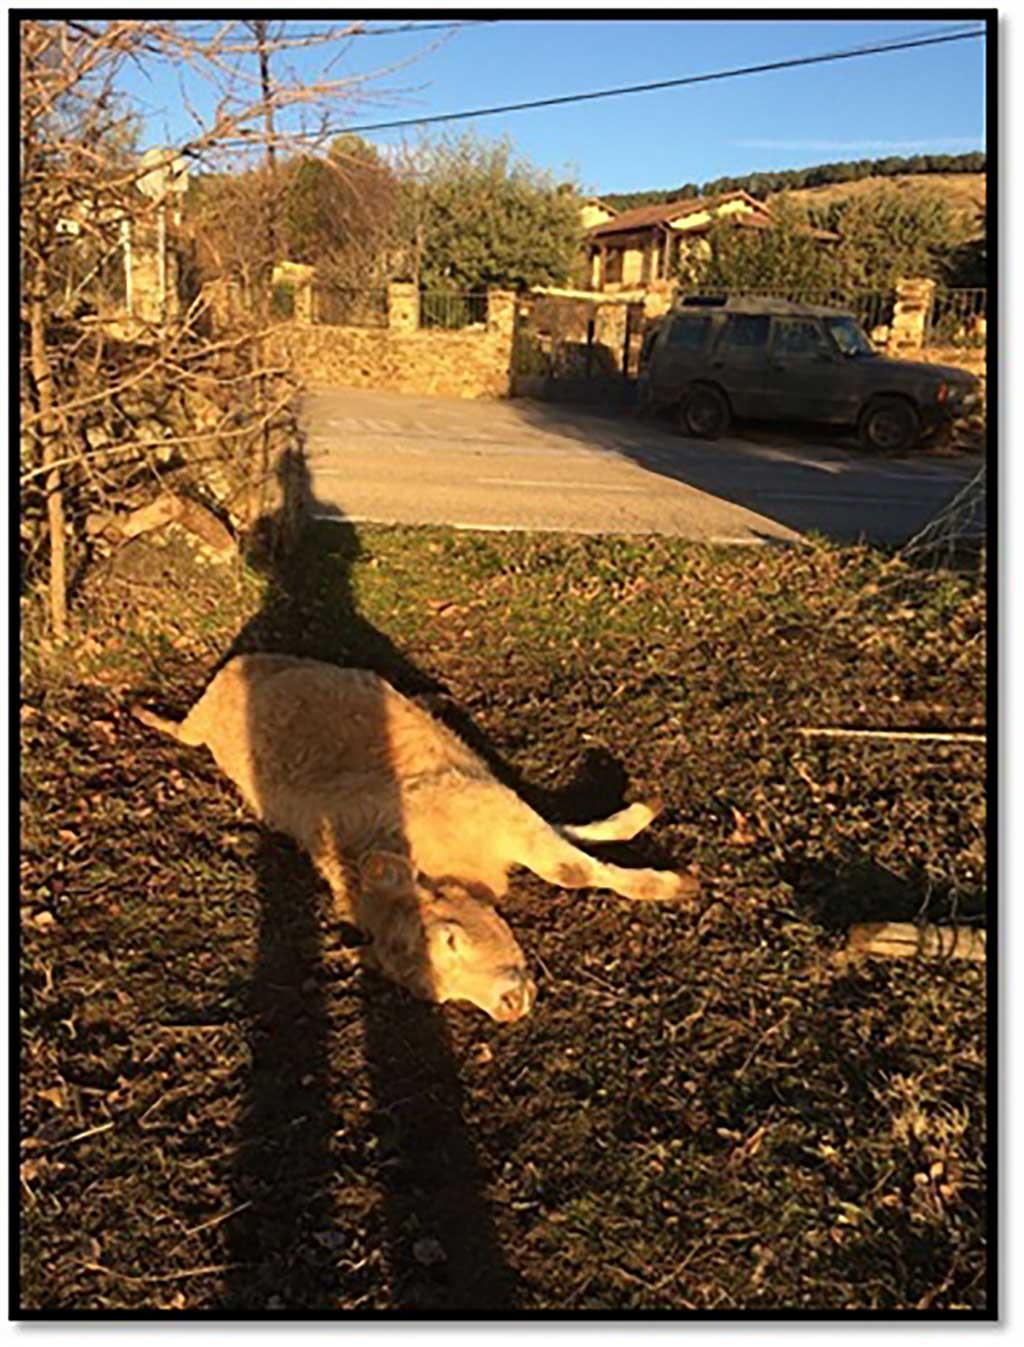 """Lobo en Madrid: """"El lobo vuelve a casa por Navidad"""". La Unión de Agricultores, Ganaderos y Silvicultores de la Comunidad de Madrid (UGAMA) alerta de que el lobo no solo ha colonizado el campo madrileño sino que también lo está haciendo en los mismísimos núcleosurbanos de las poblaciones serranas."""